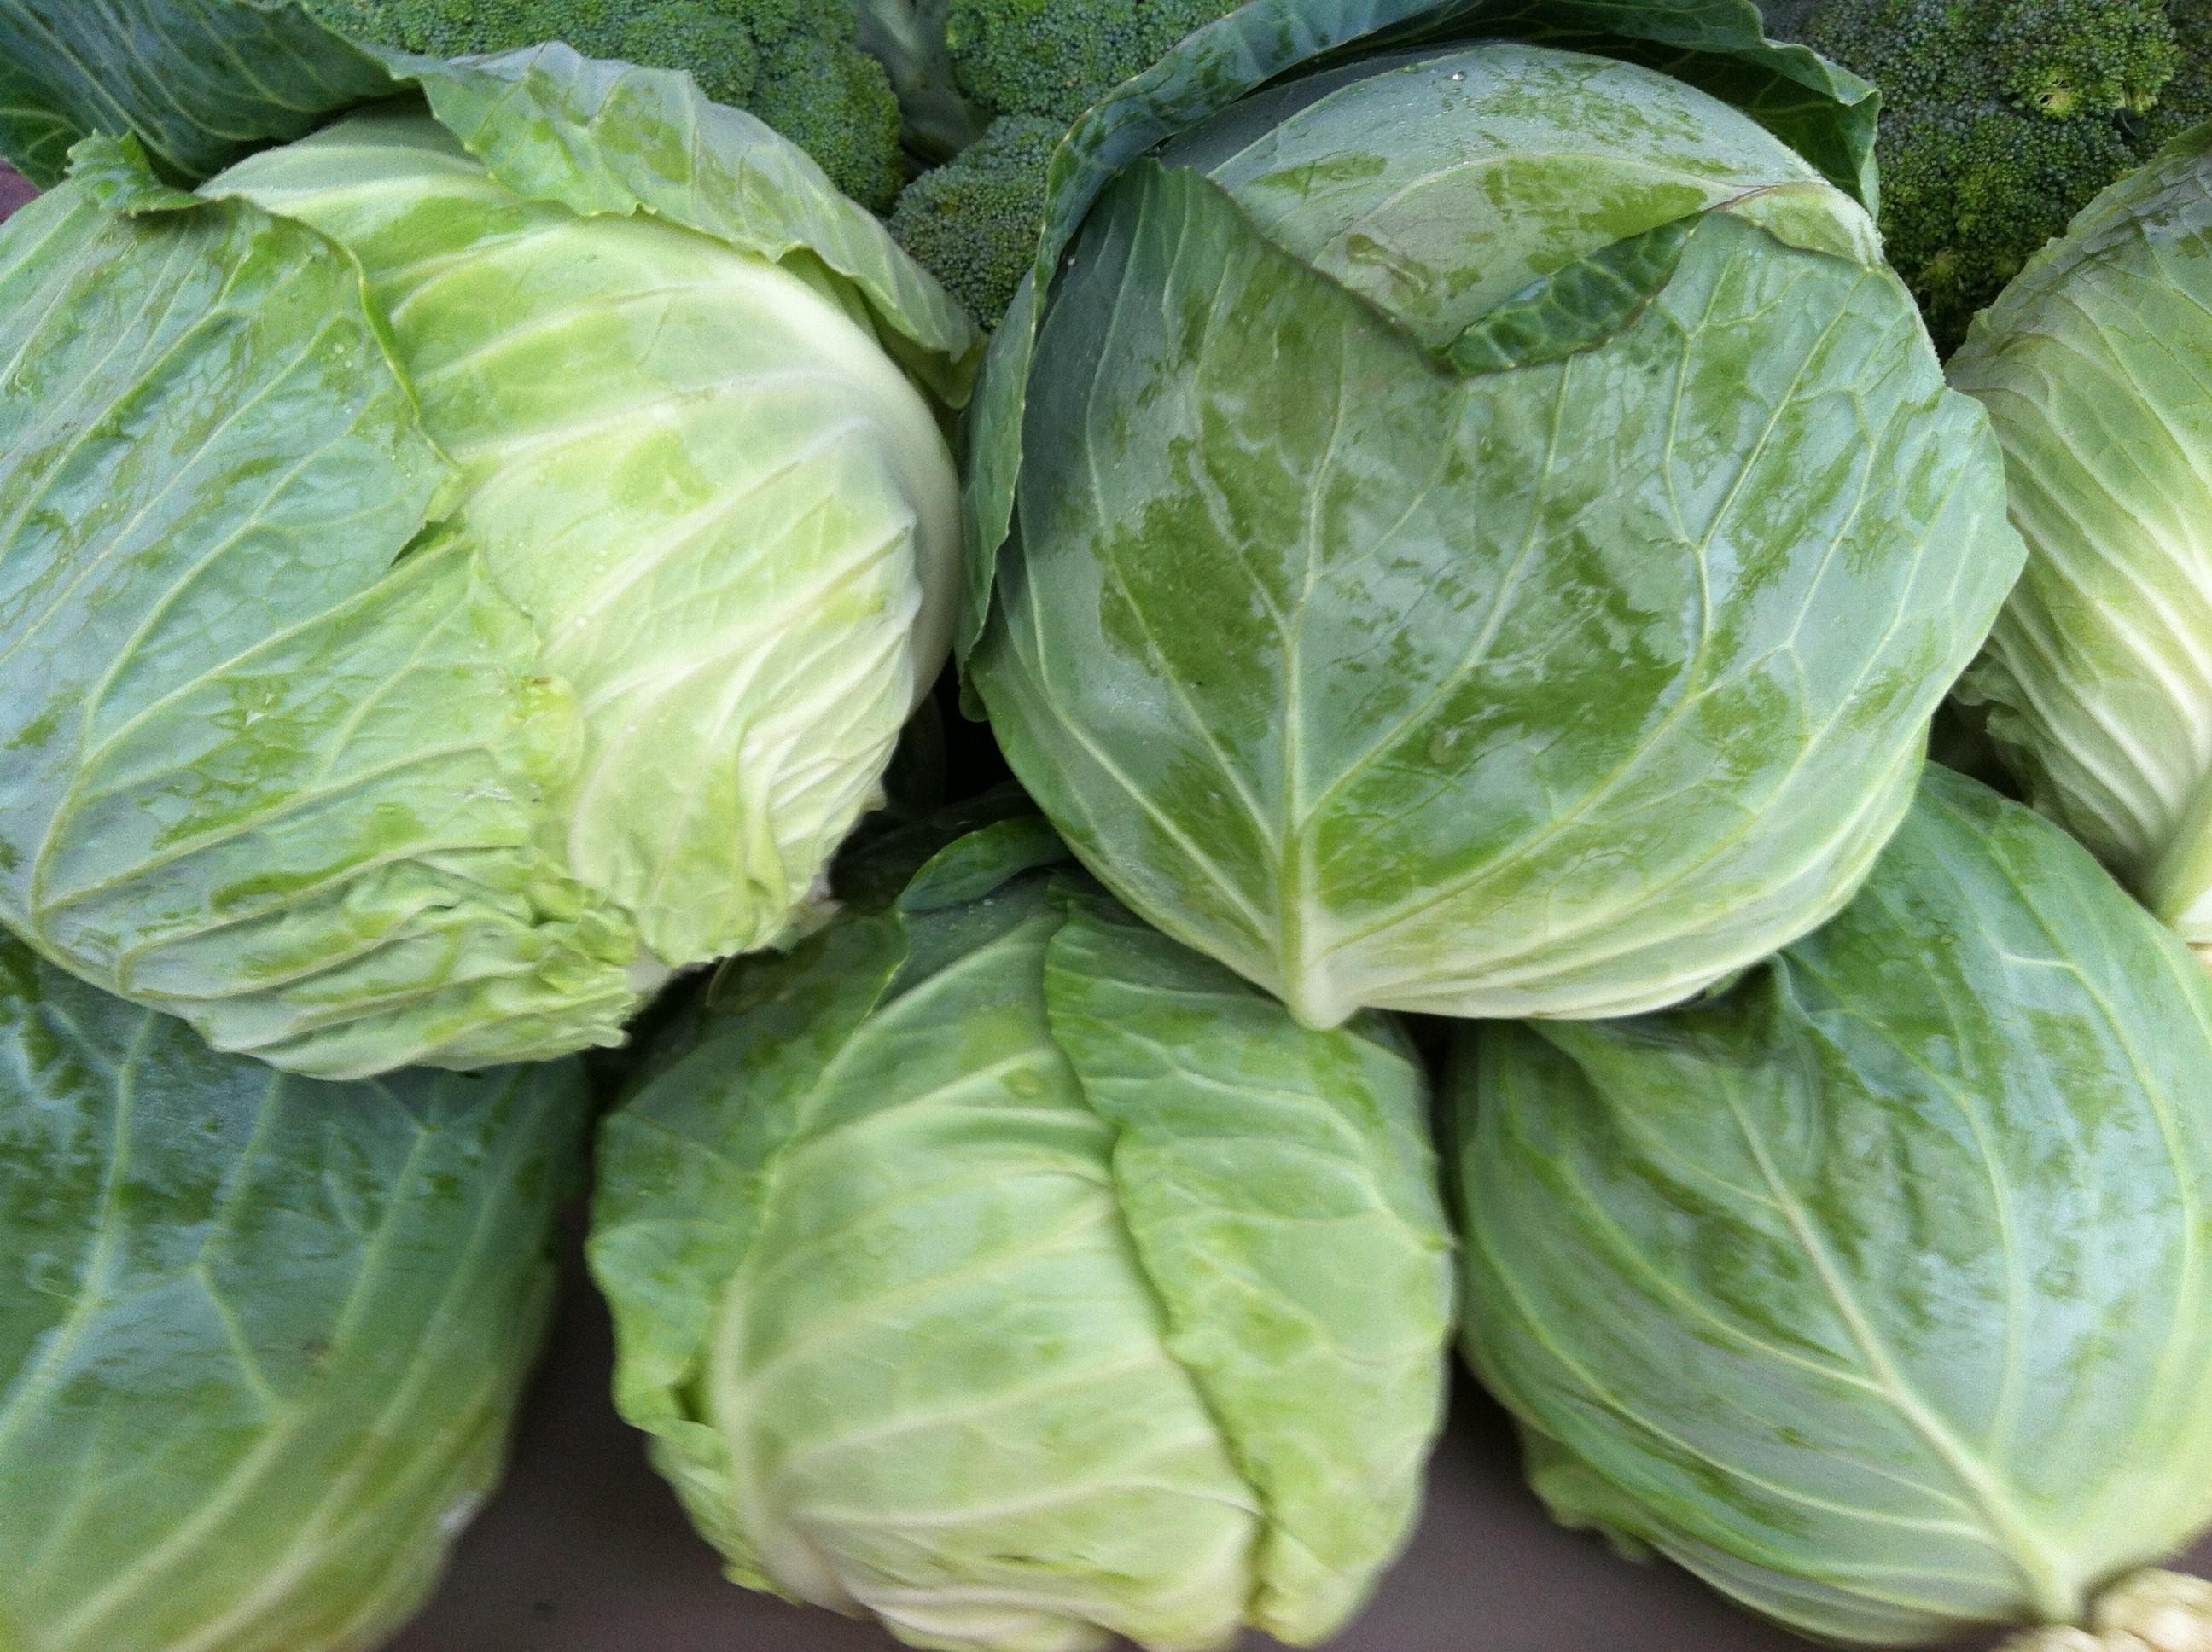 Repolho: Valor Nutricional, Propriedades Depurativas e Receitas Para Emagrecer